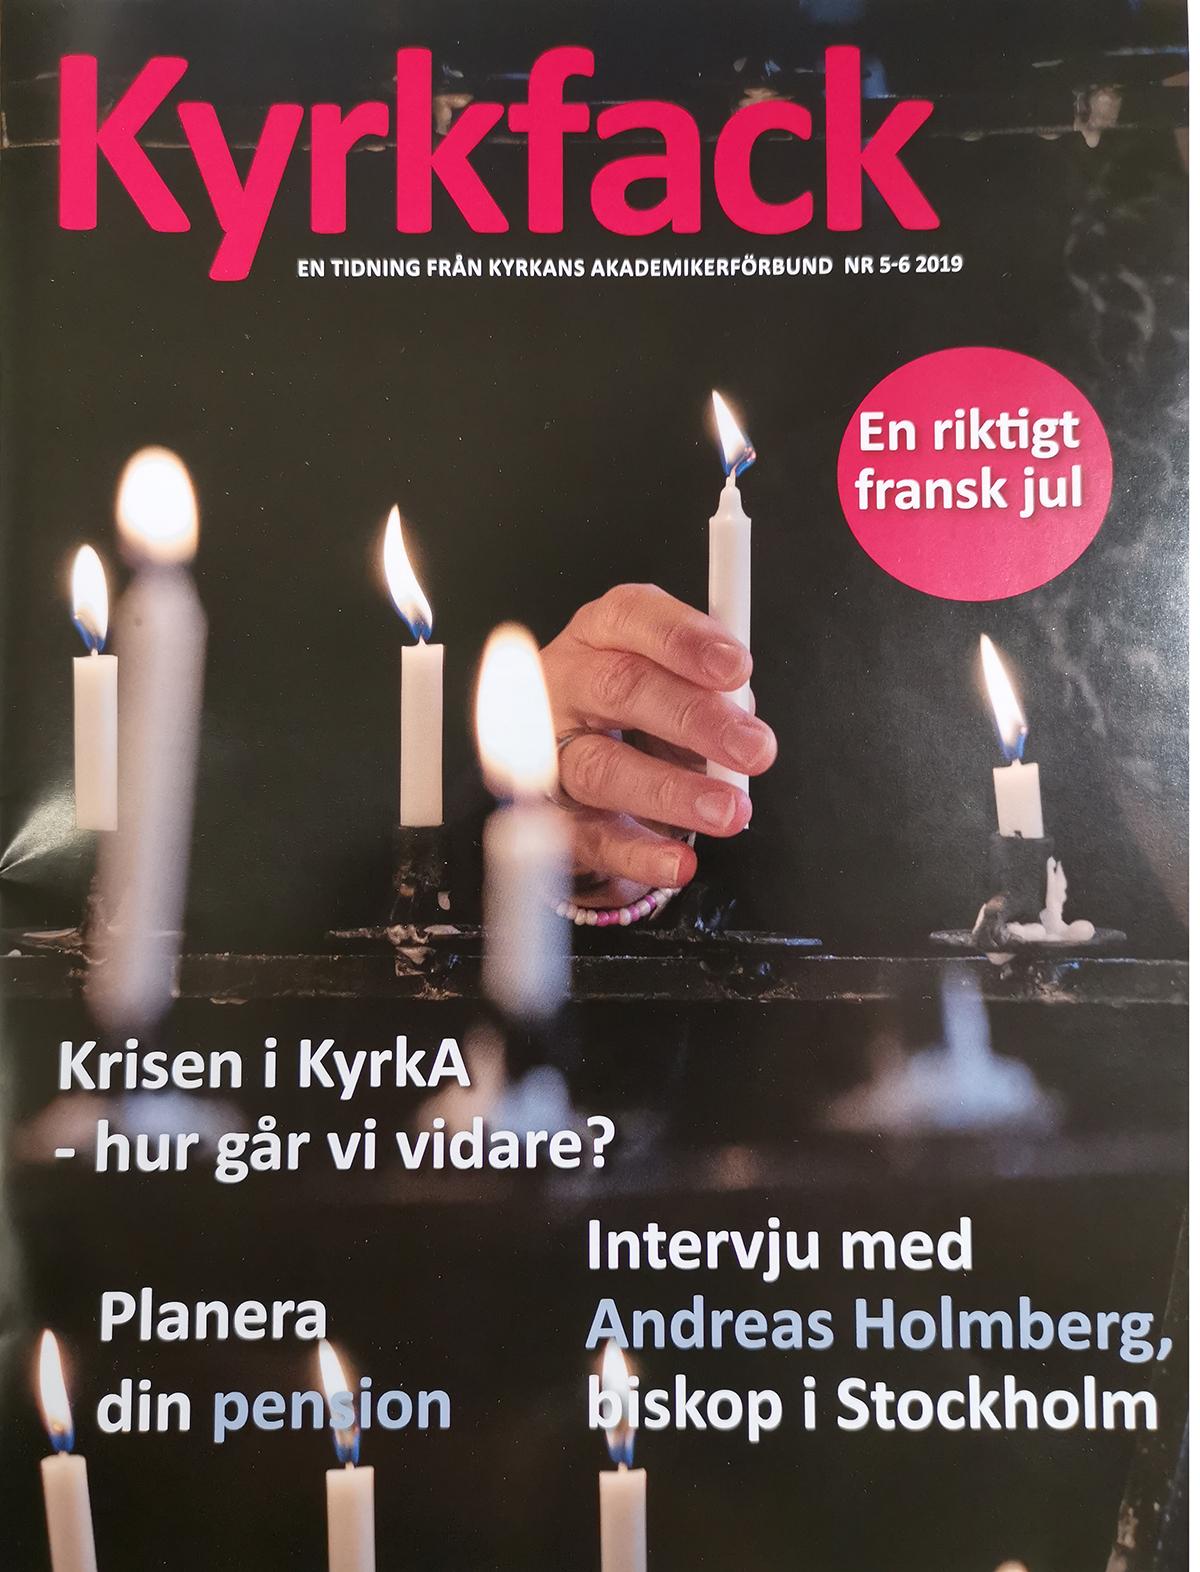 Kyrkfack nr 5-6 2019 KyrkA medlemstidning